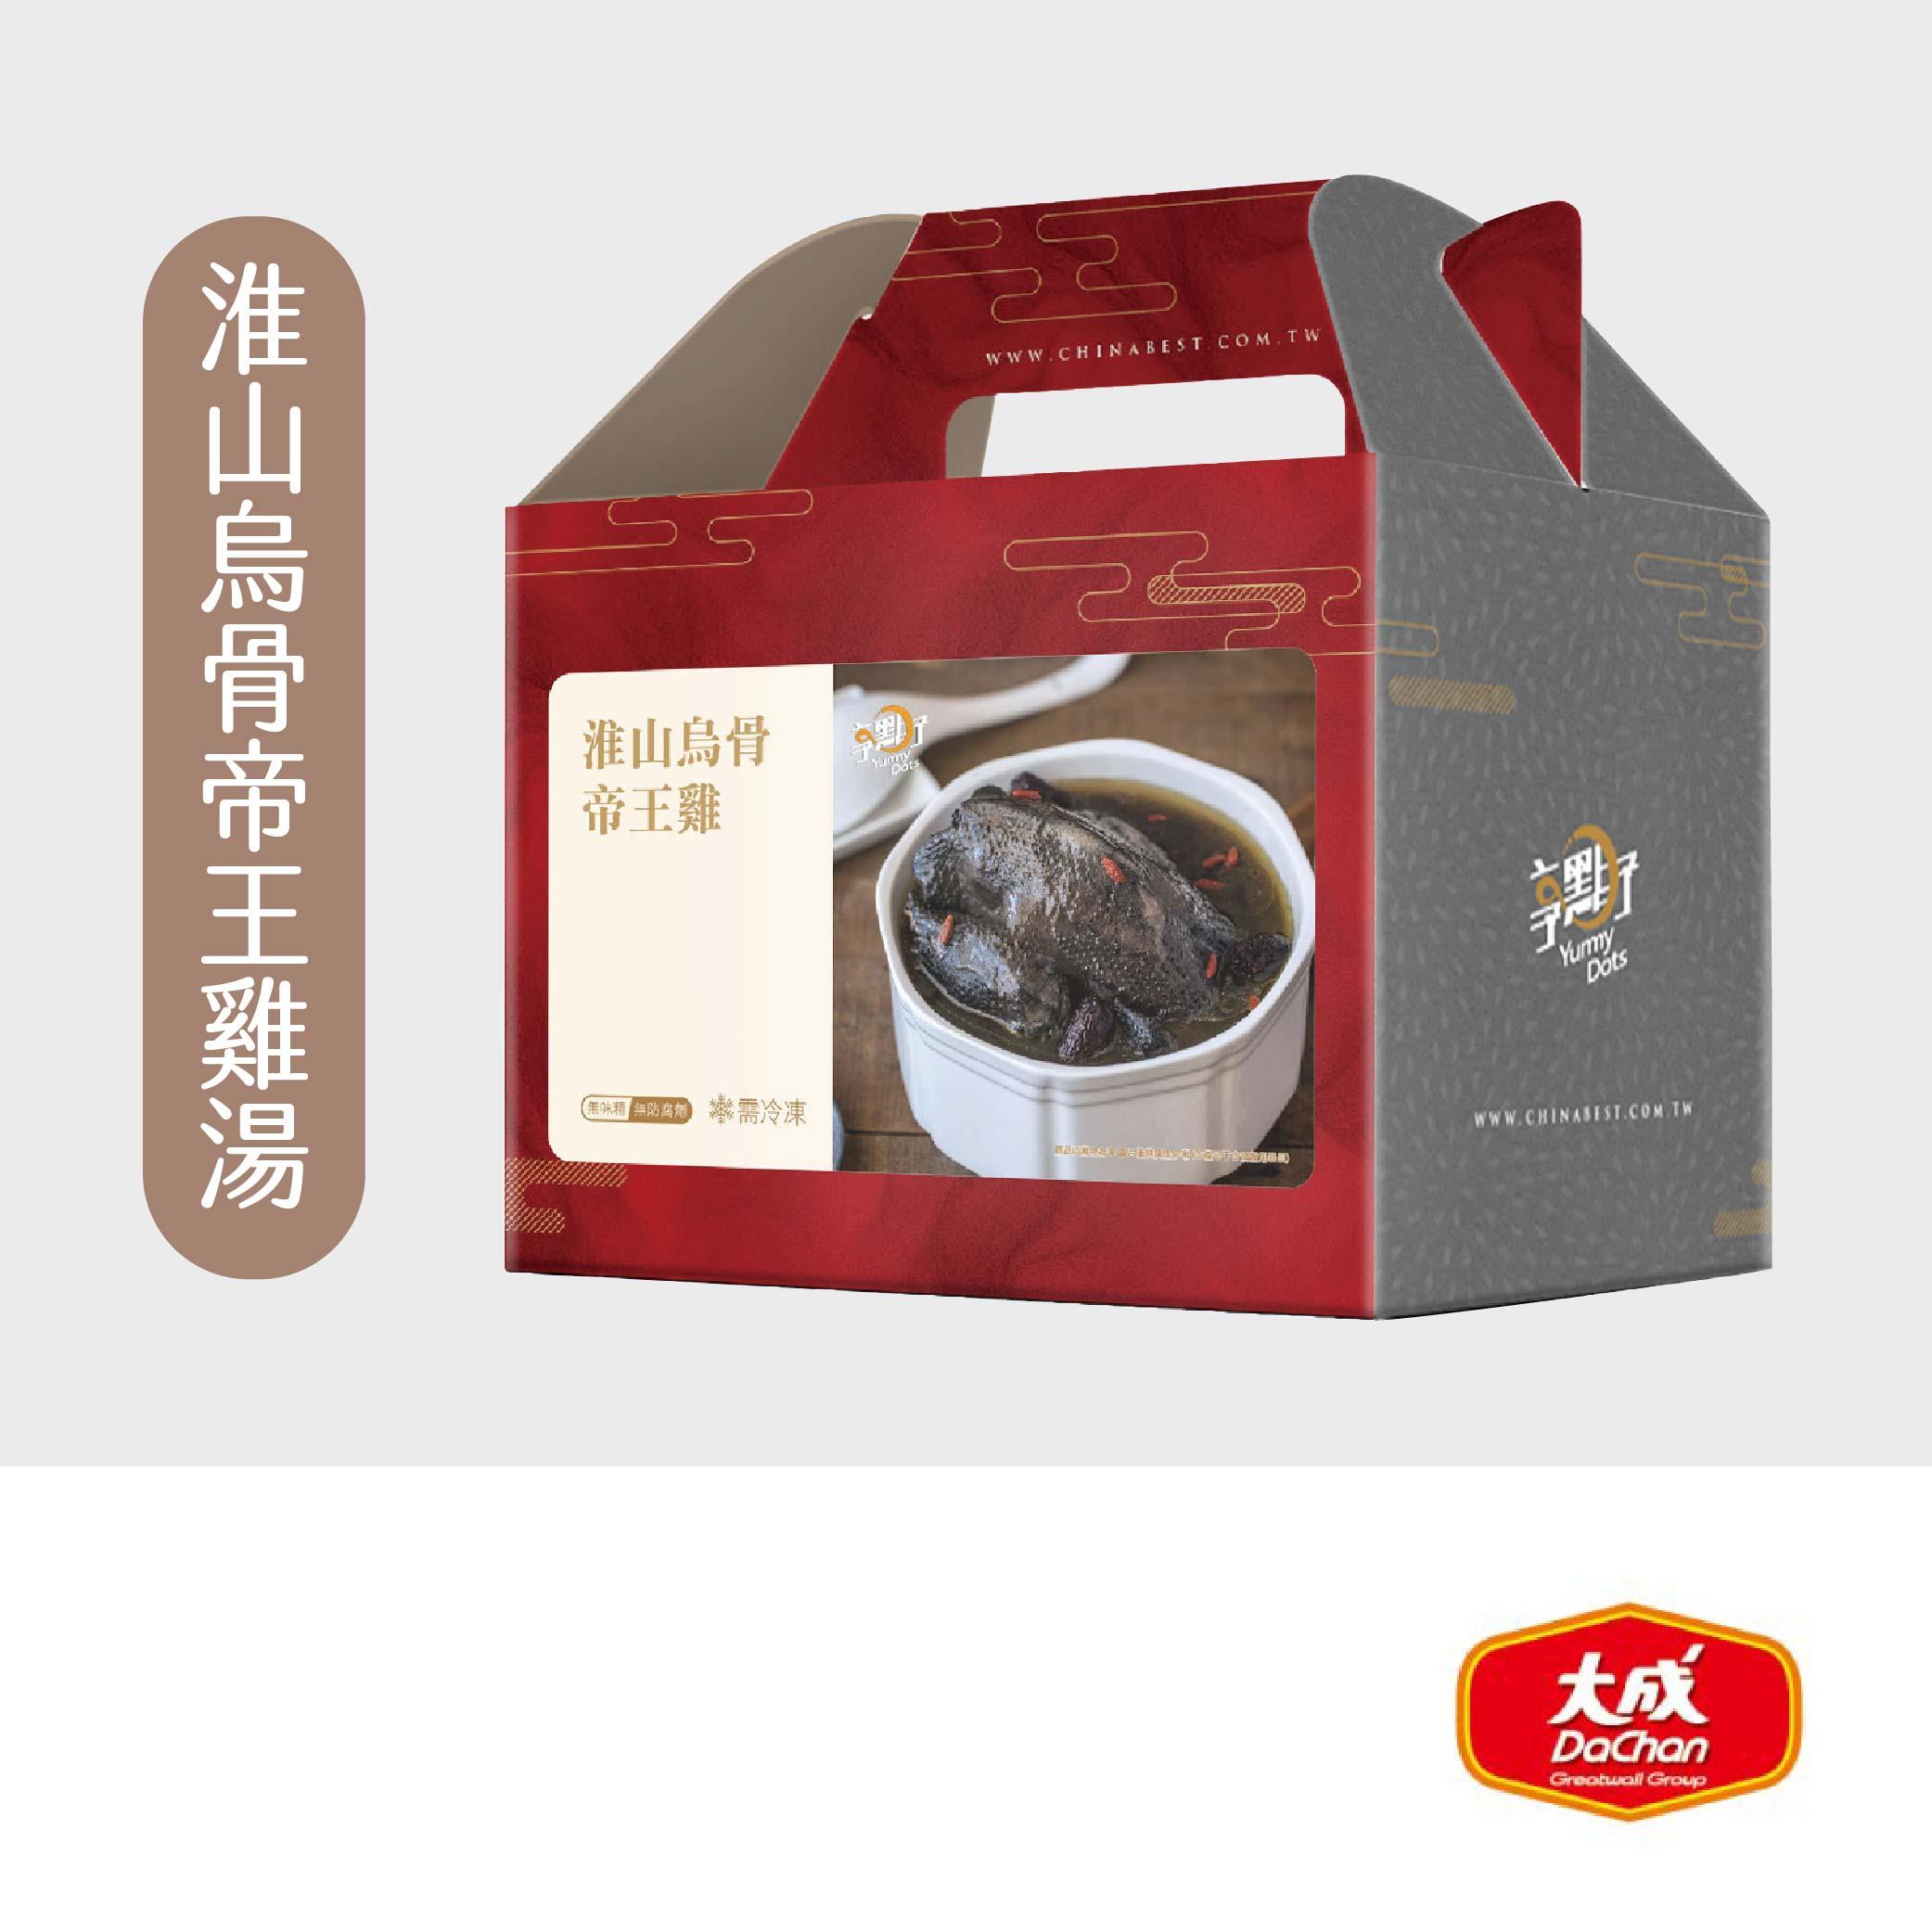 【大成x享點子】 淮山烏骨帝王雞禮盒(2400g/盒) 免熬煮加熱即食